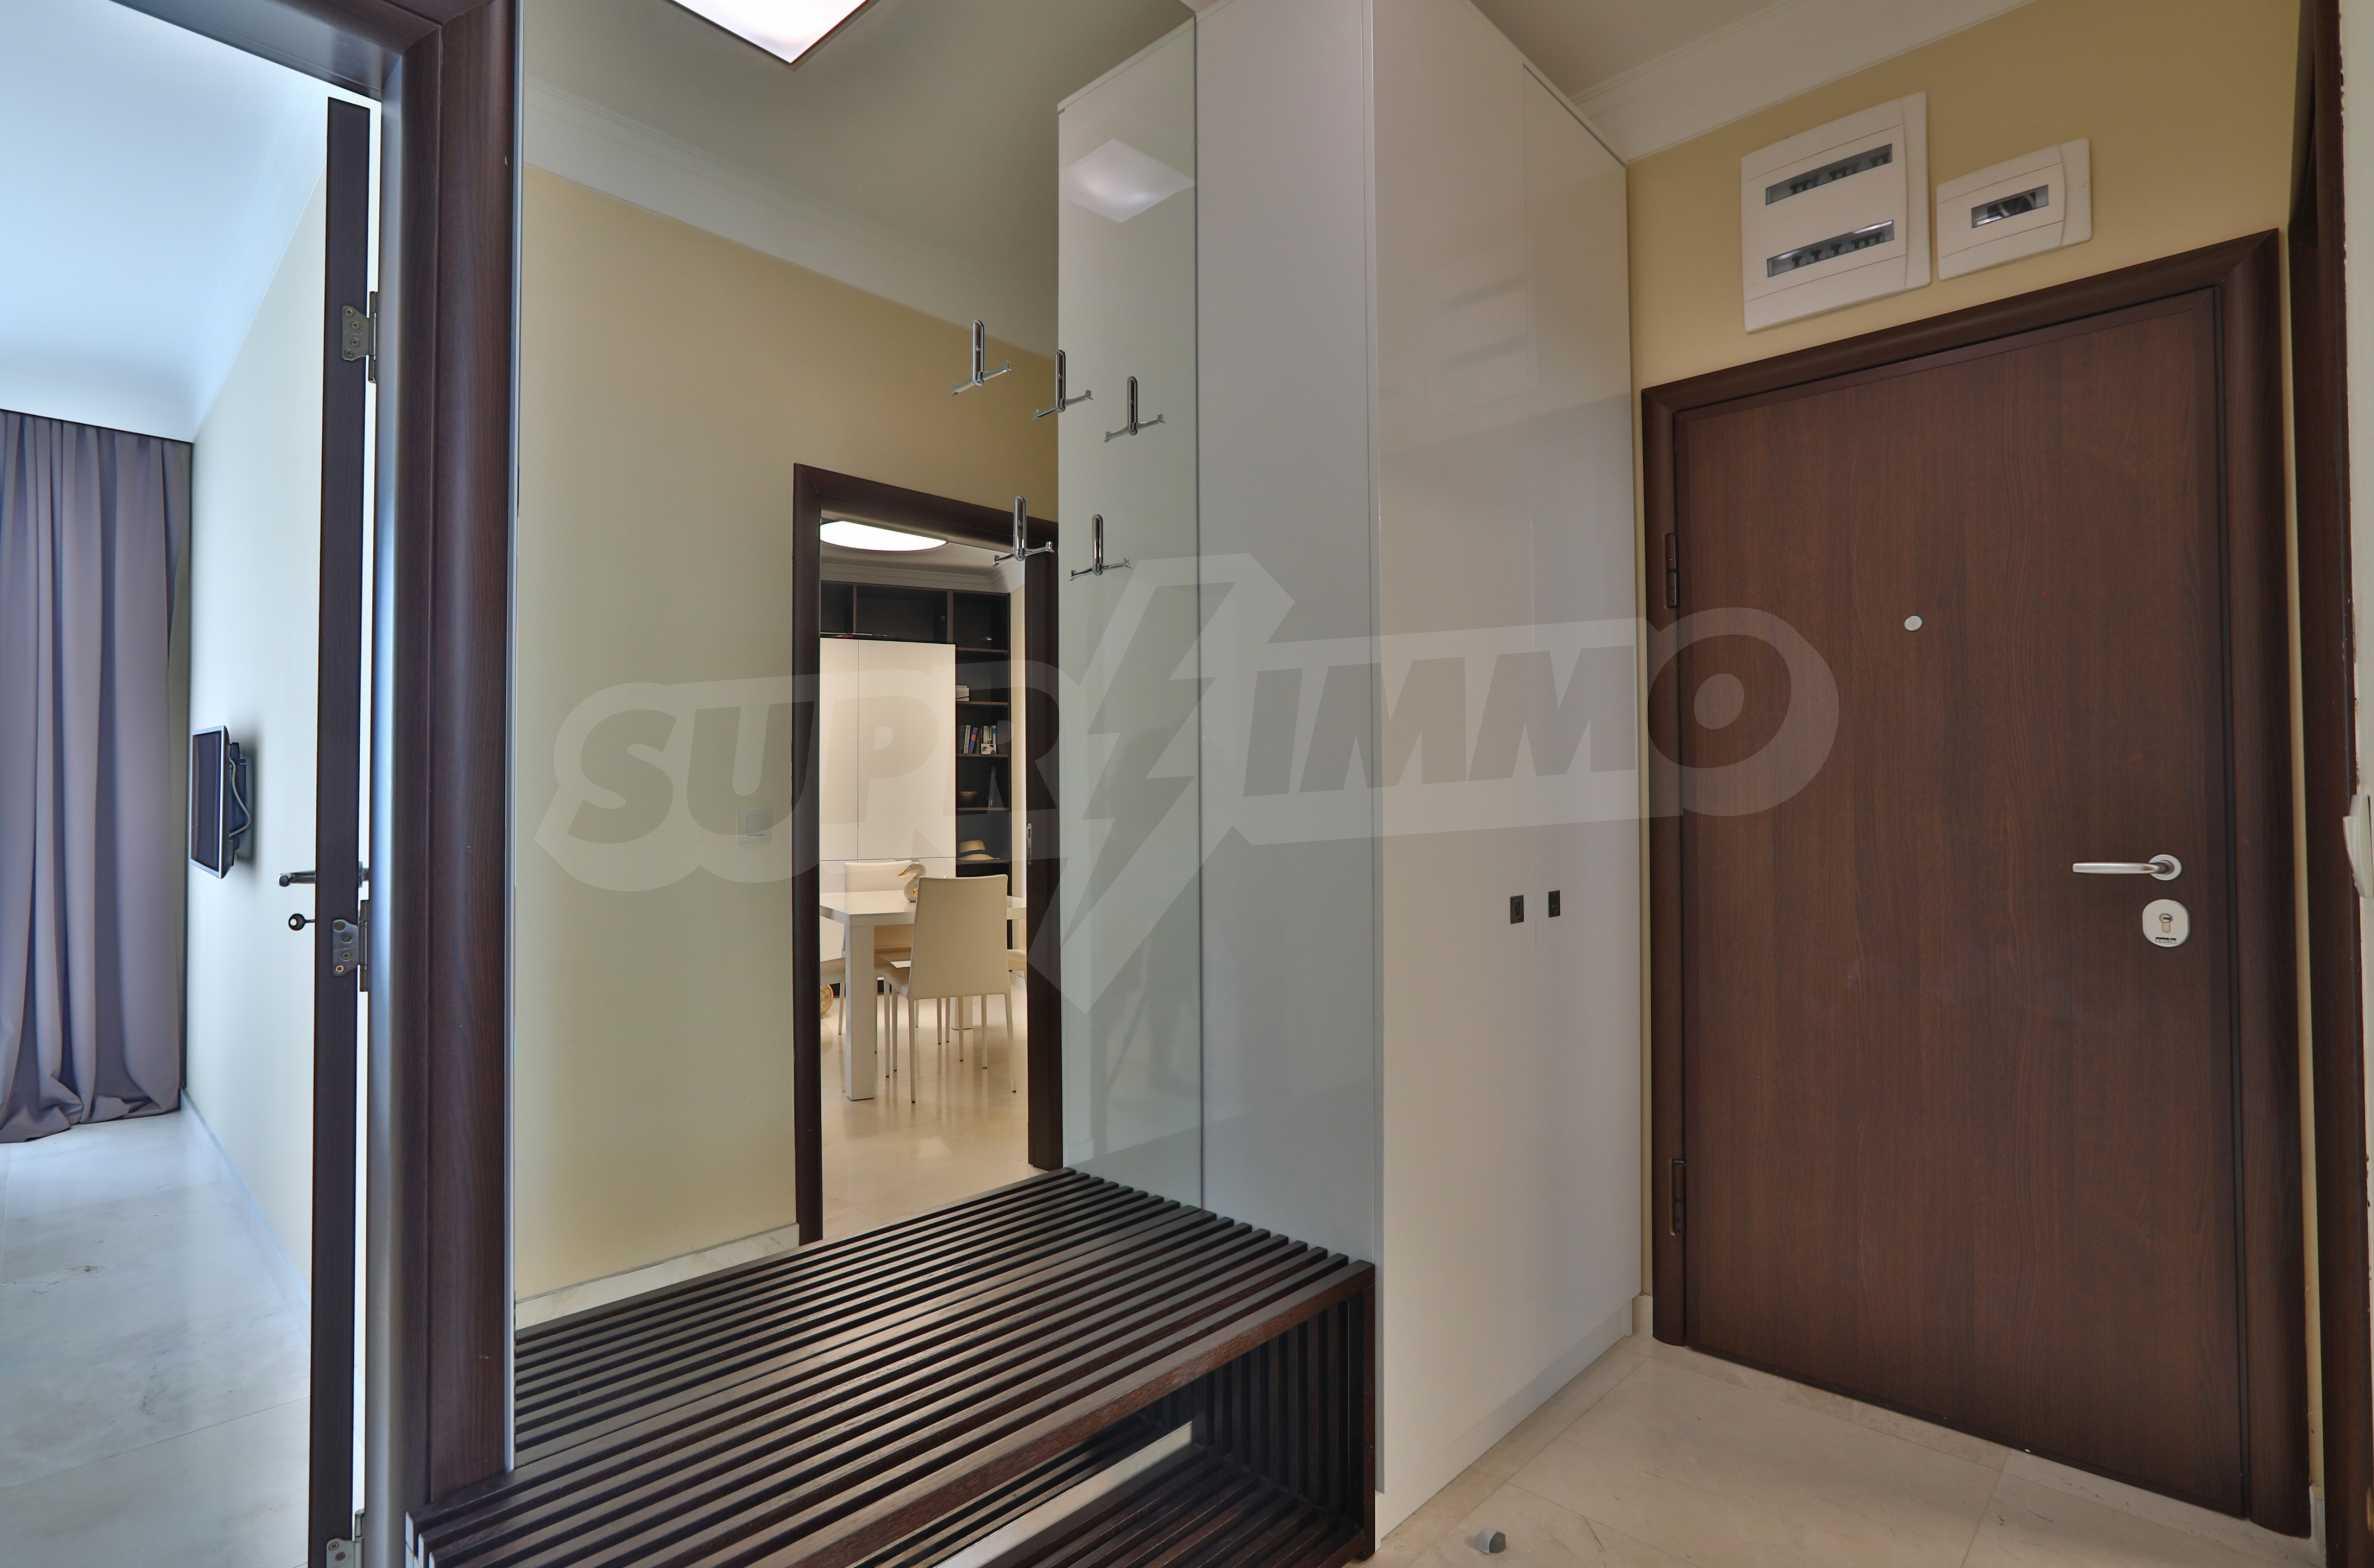 Дизайнерски апартамент с 2 спални в луксозната морска резиденция Belle Époque в Лозенец 25